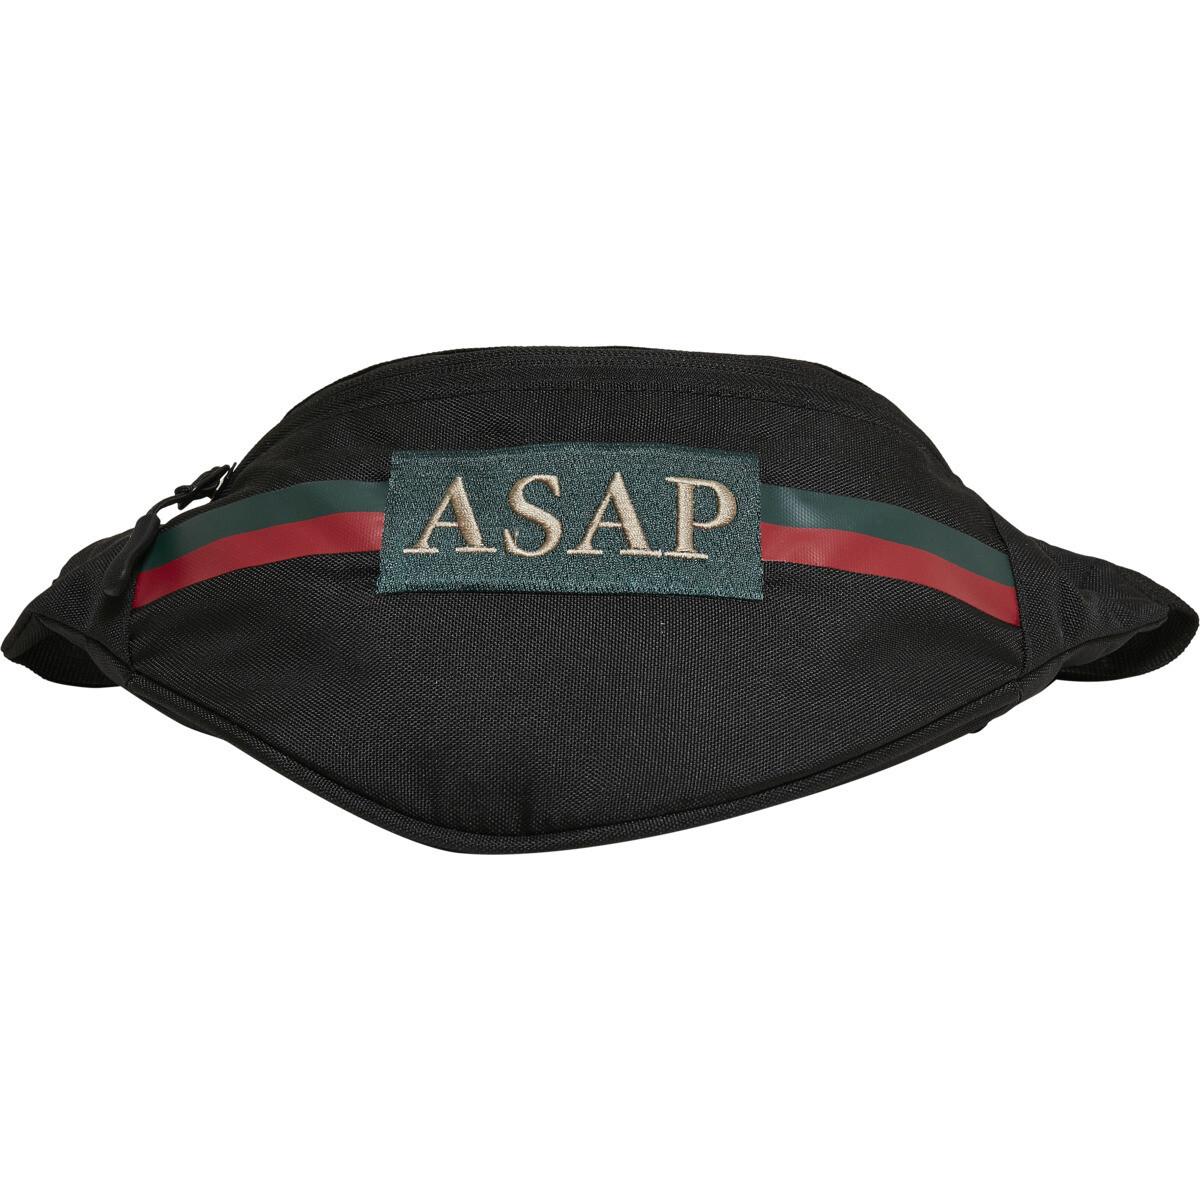 C&S WL ASAP Shoulder Bag